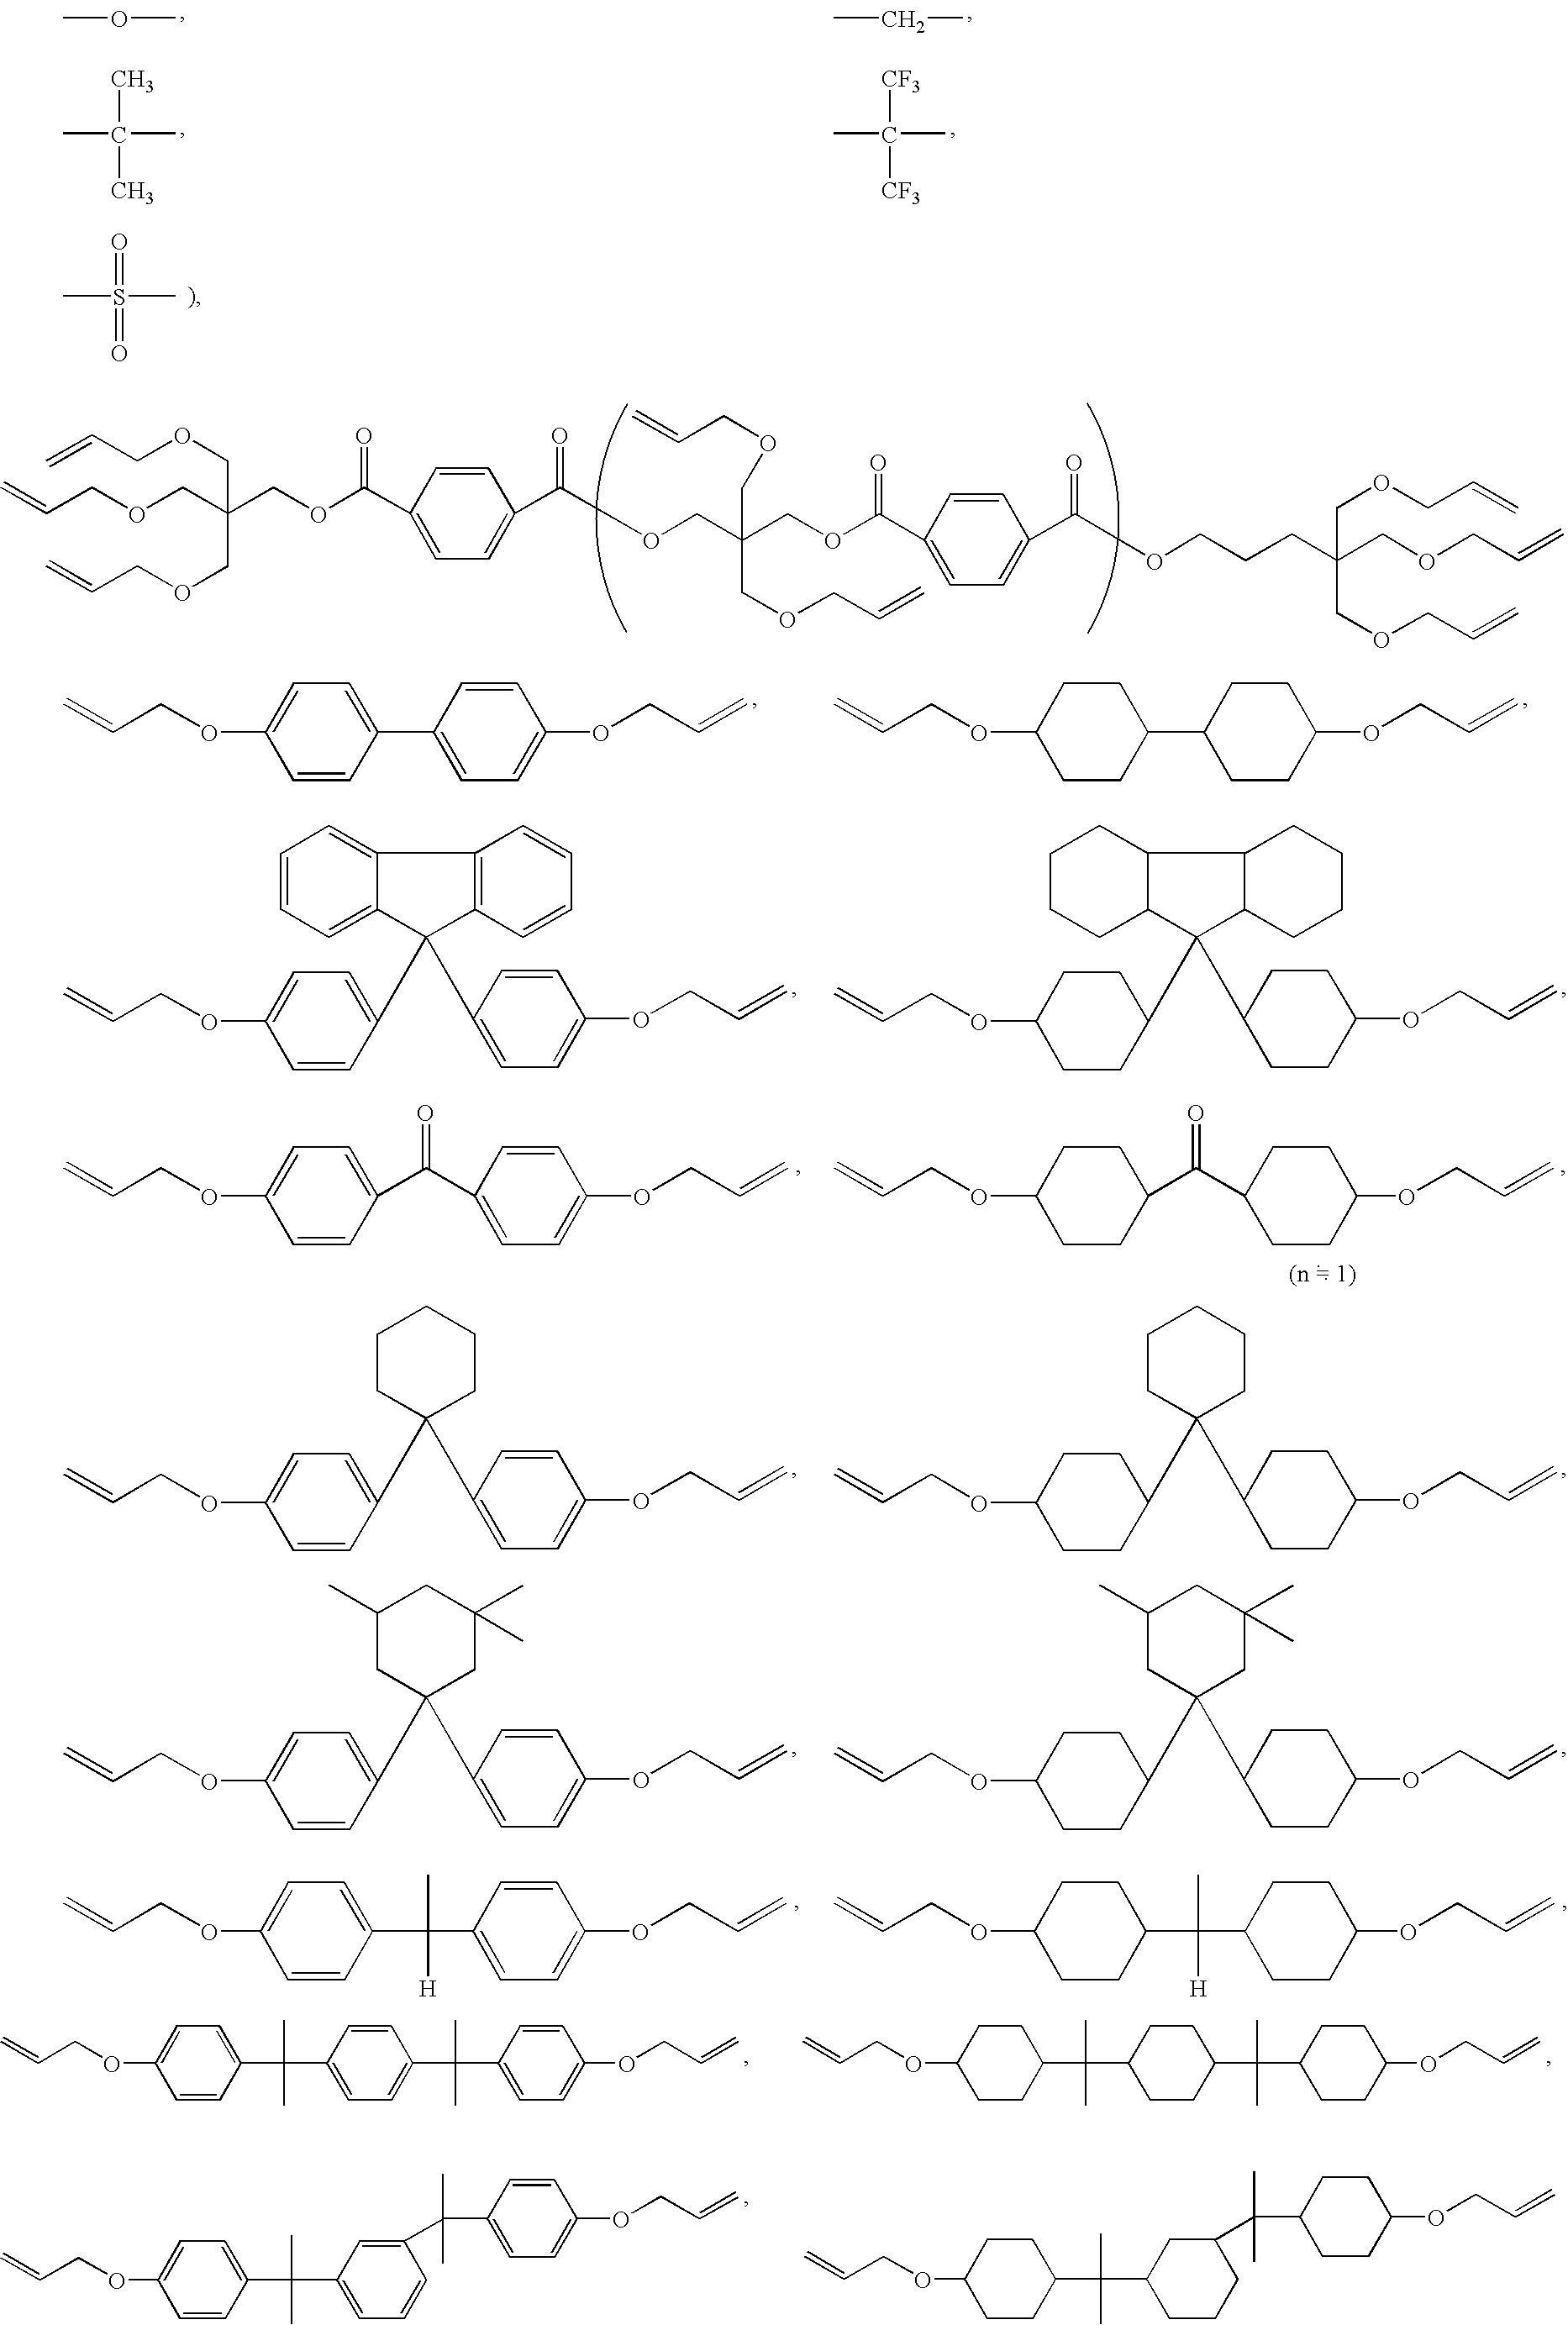 Figure US20060243947A1-20061102-C00014